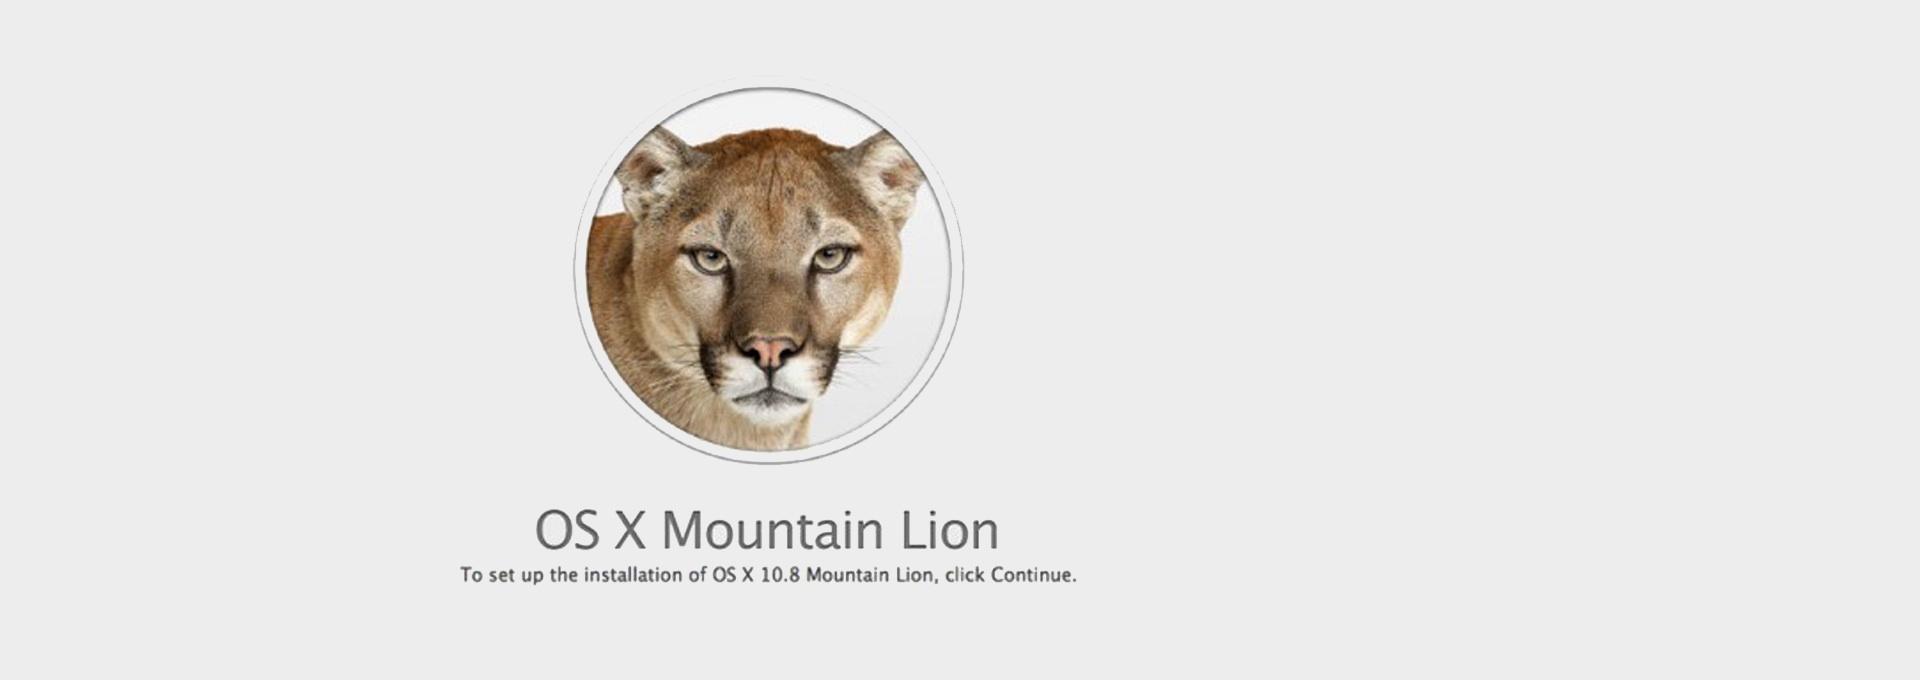 Tout ce qu'il faut savoir pour passer à OS X Mountain Lion